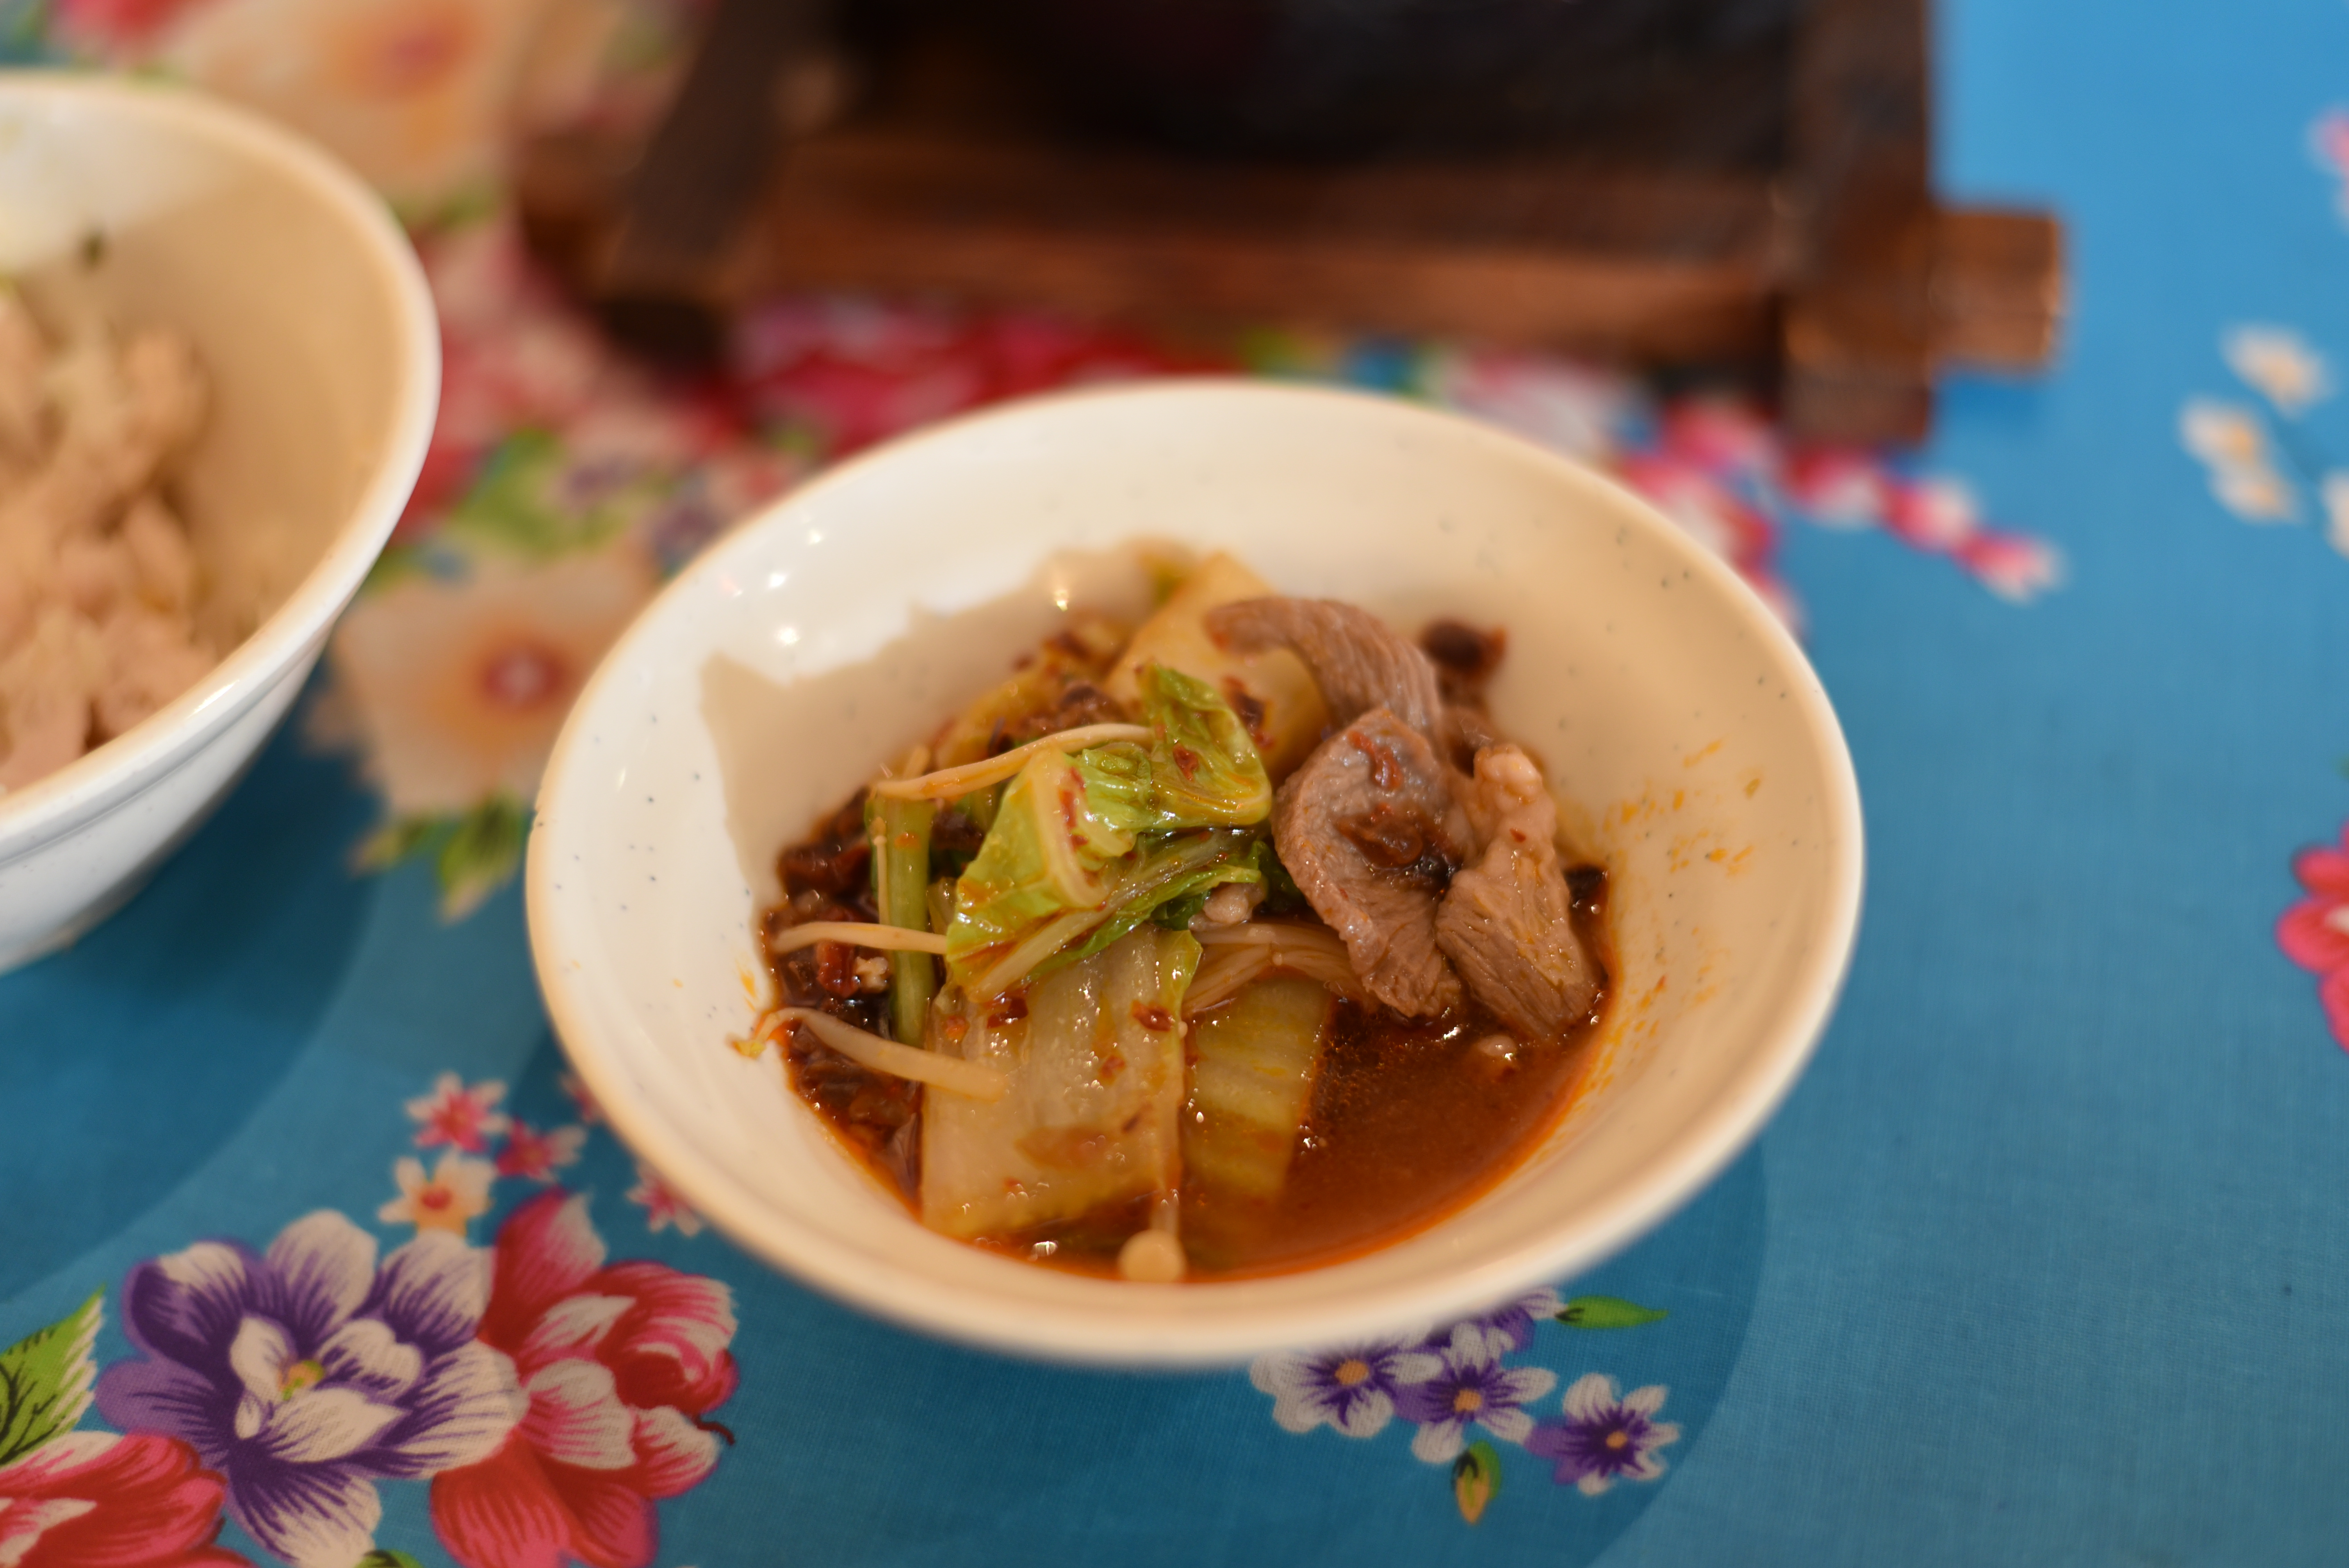 微風台南 神宮丸太町 台湾料理 鍋